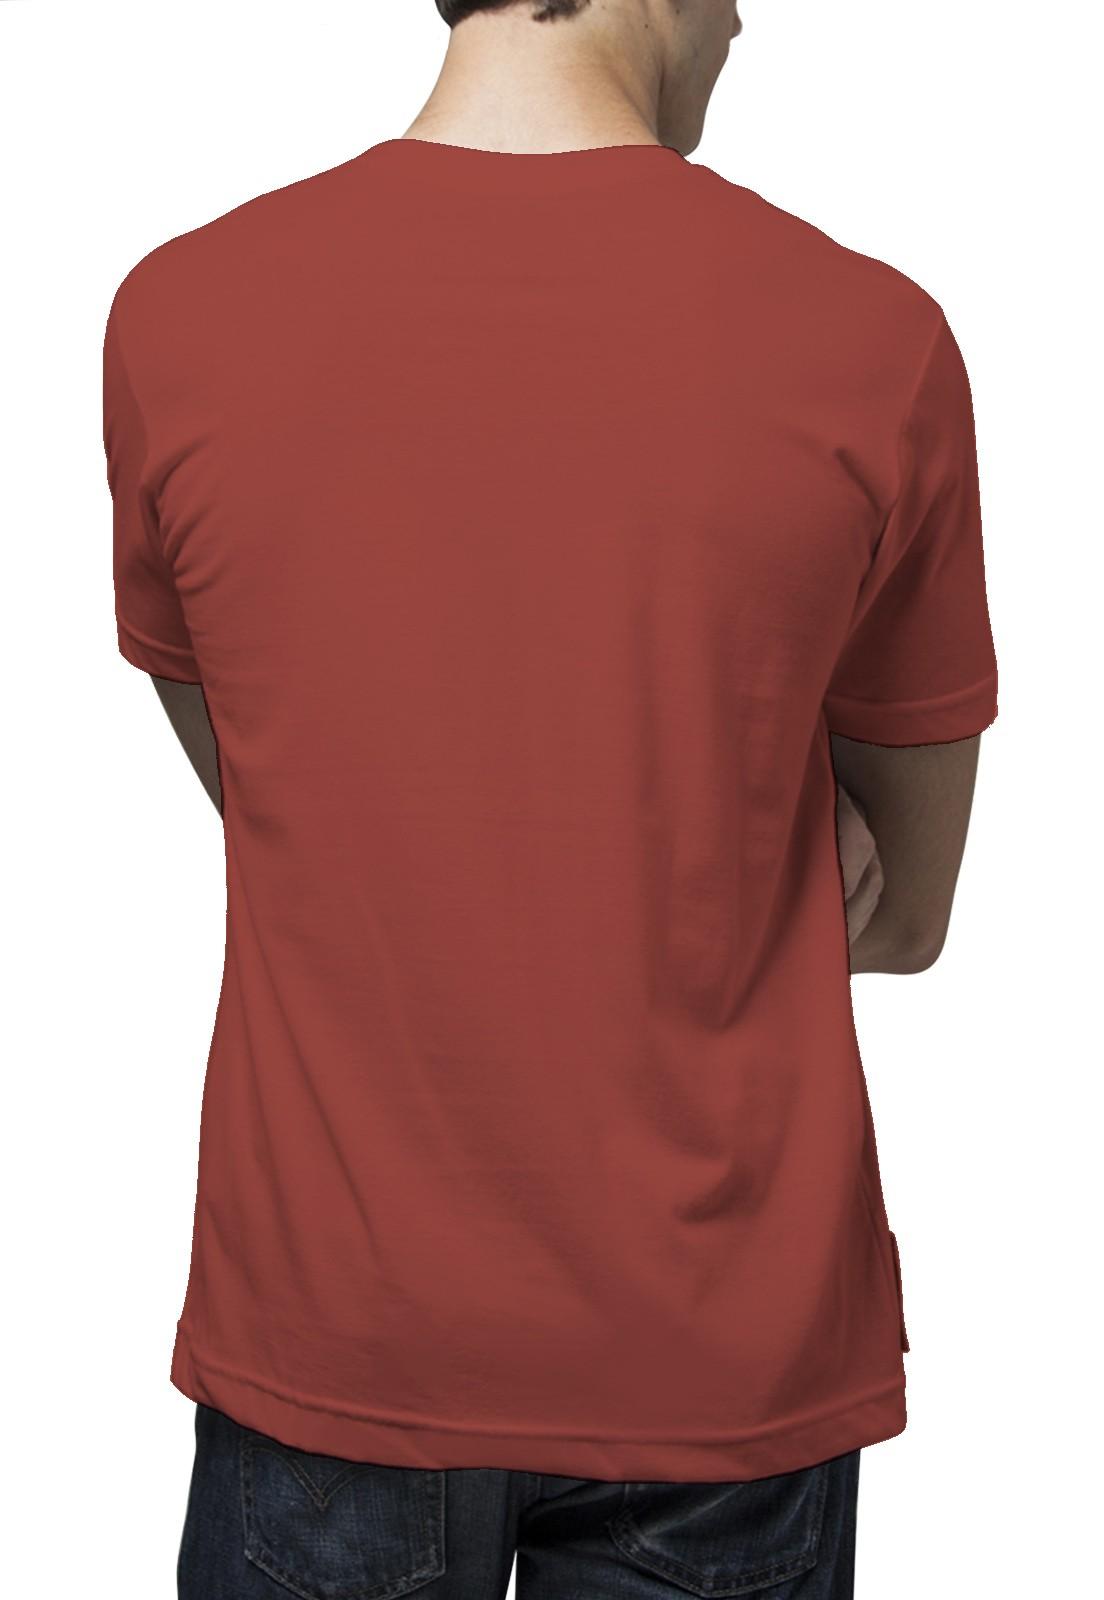 Camiseta Amazônia Since 2006 - Vermelho